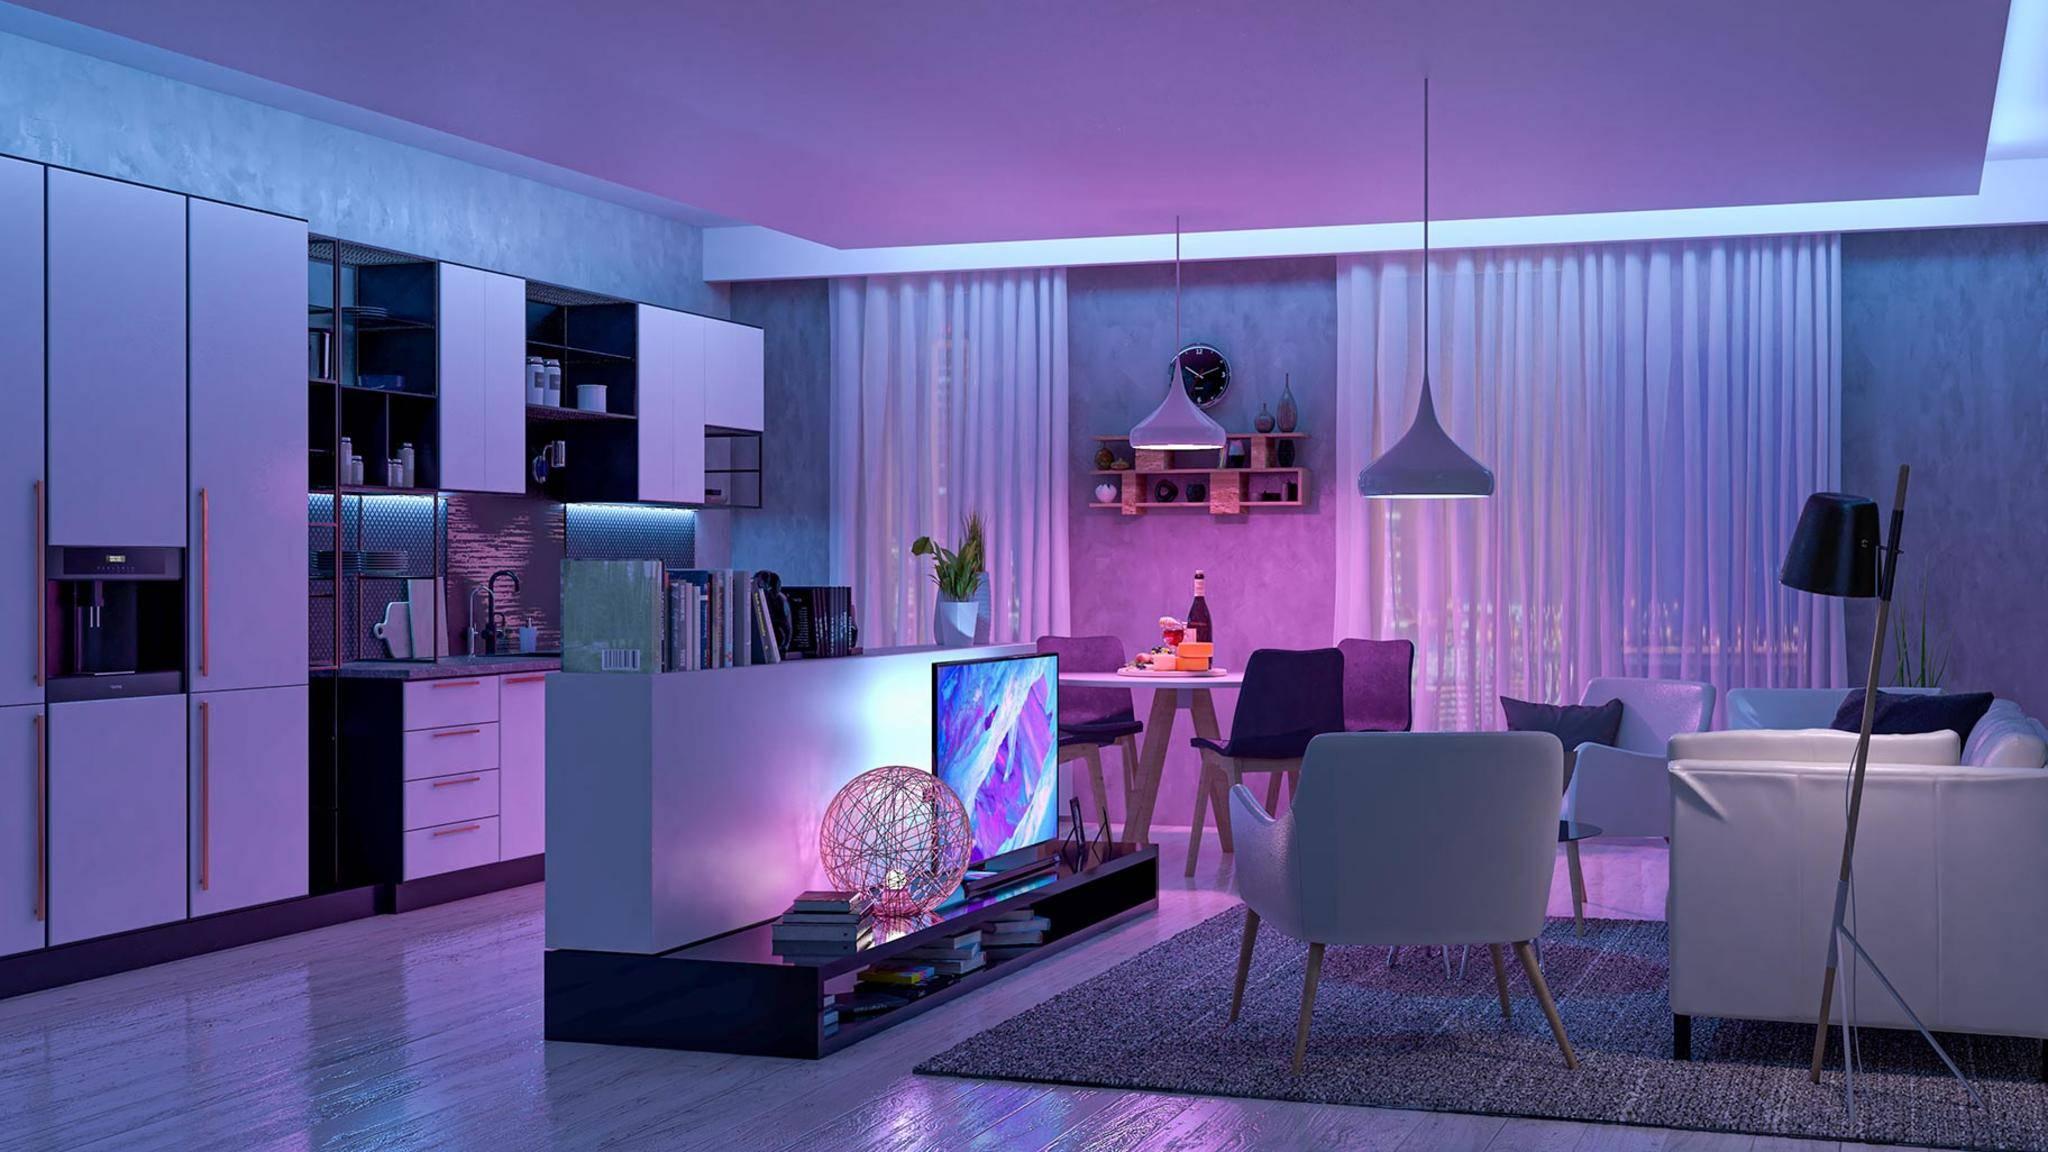 Du suchst Inspirationen für Dein Smart Home? Dann haben wir einige Anregungen für Dich.